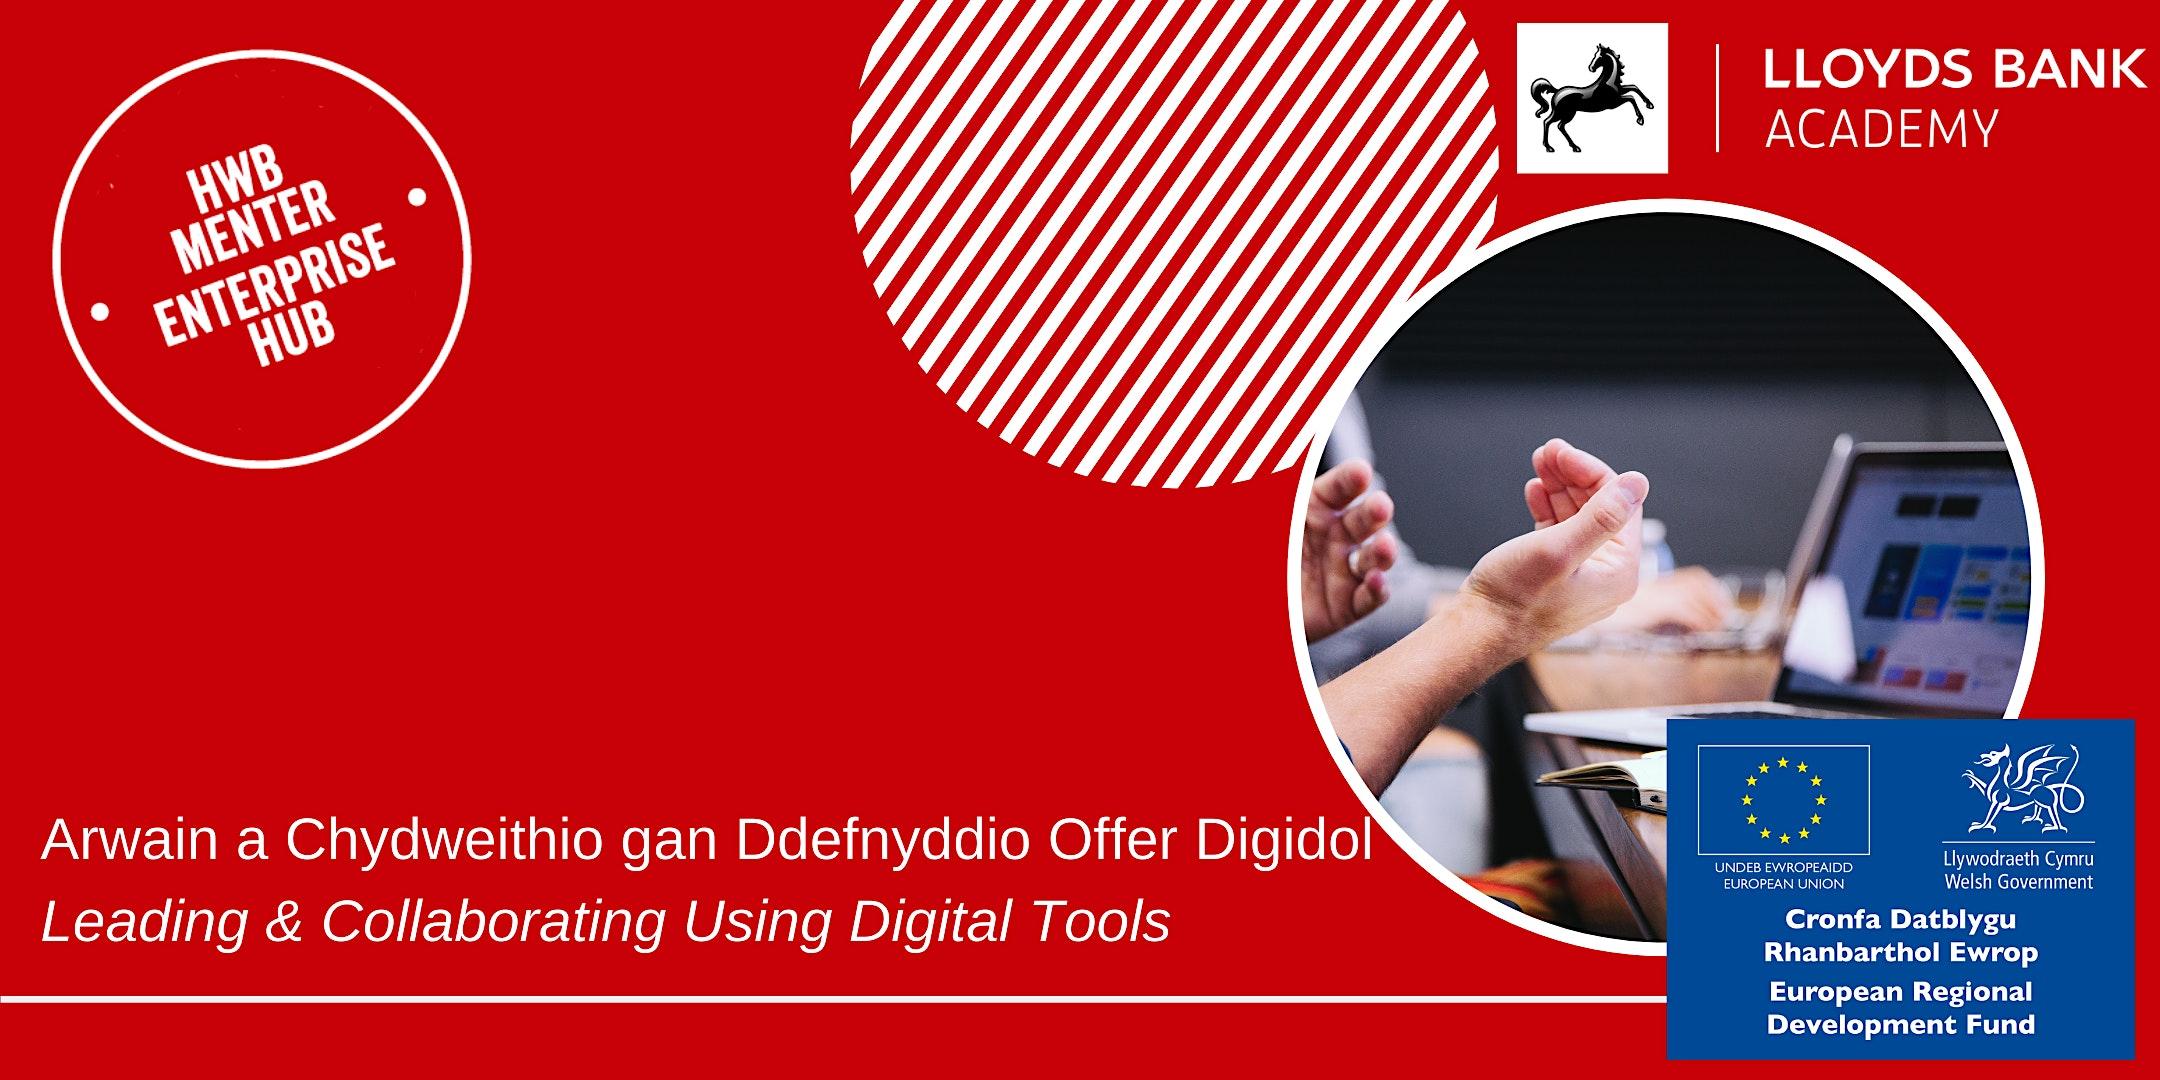 Cydweithio gan Ddefnyddio Offer Digidol / Collaborating Using Digital Tools